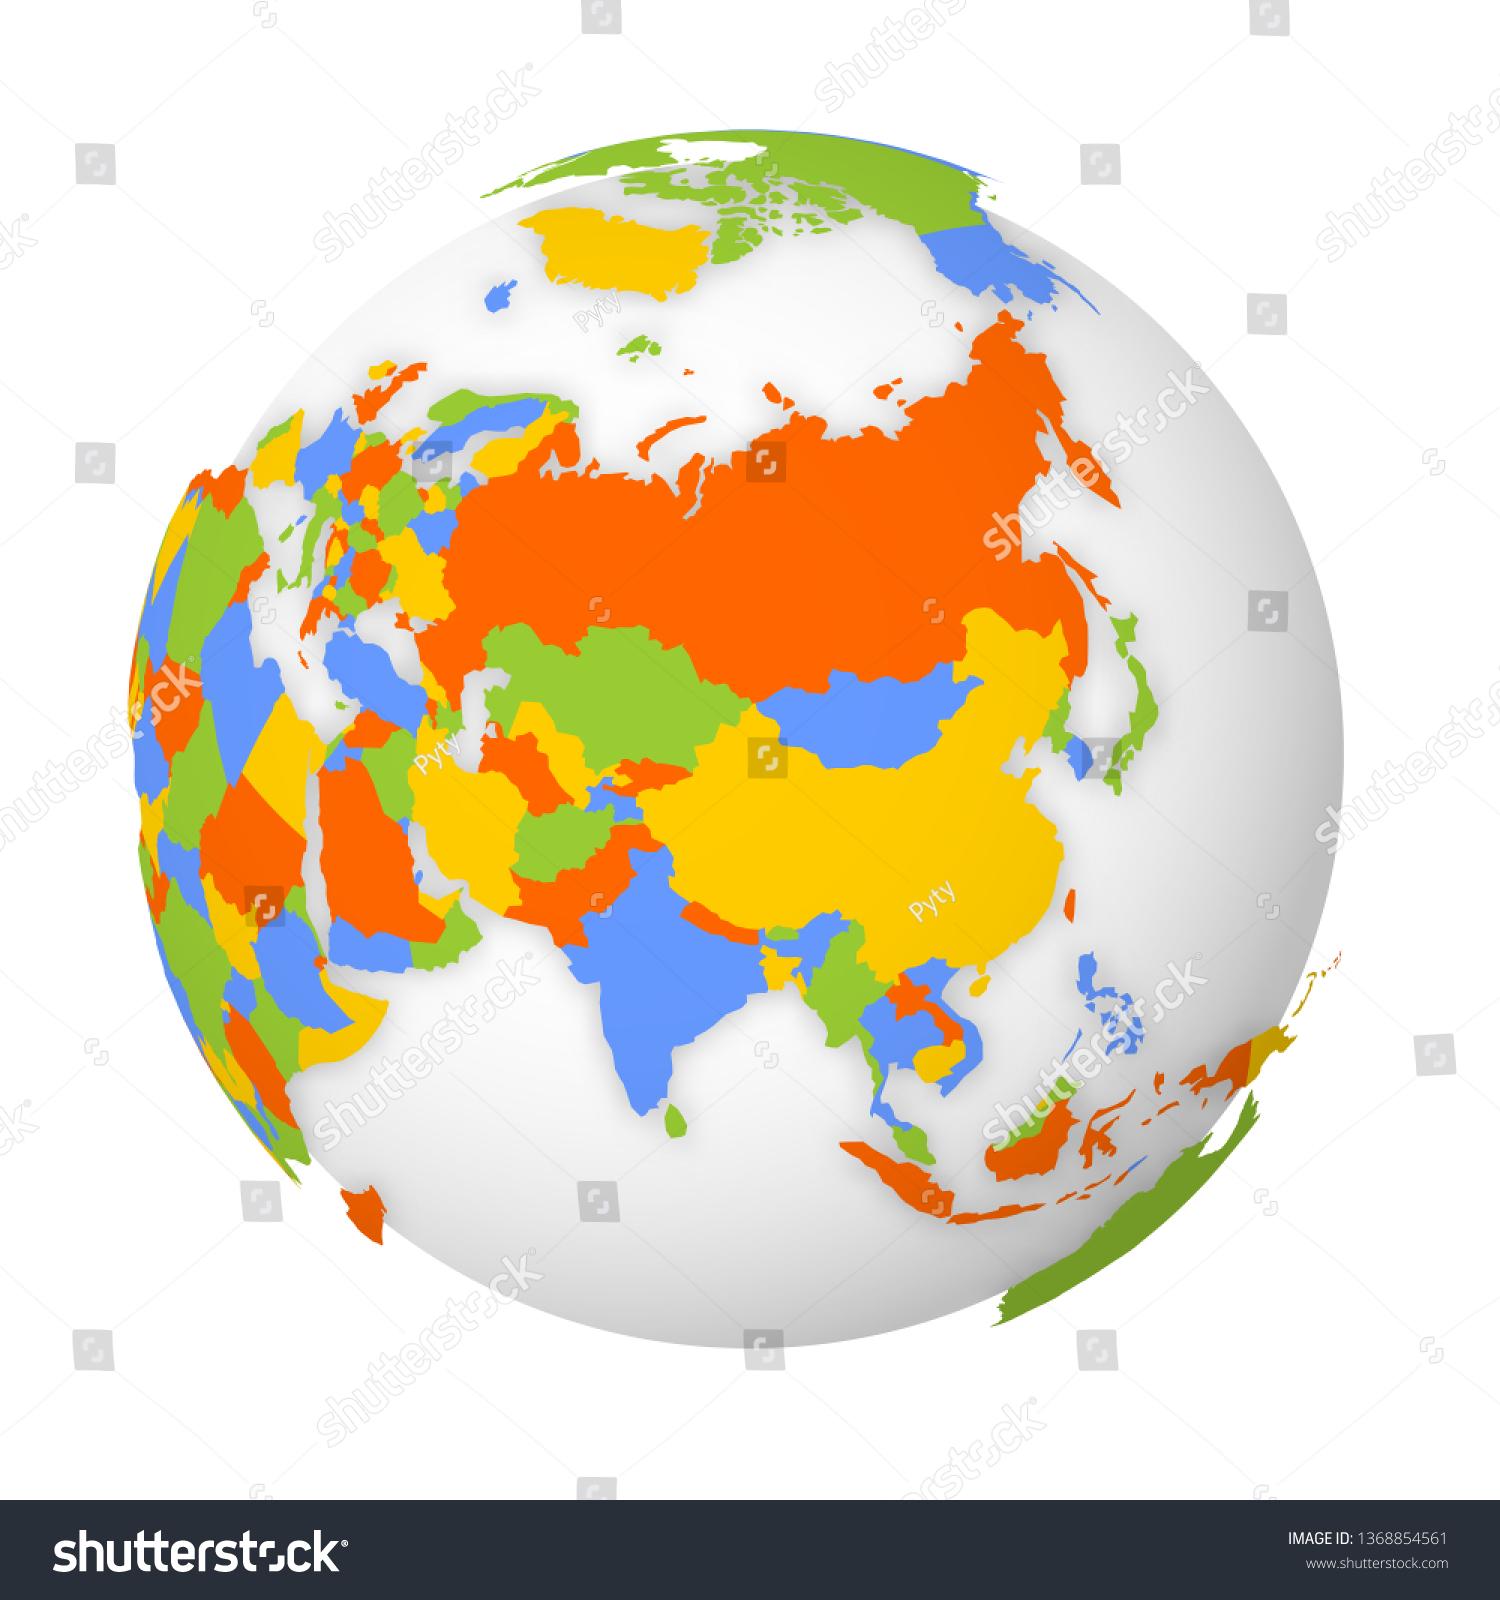 Picture of: Vector De Stock Libre De Regalias Sobre Blank Political Map Asia 3d Earth1368854561